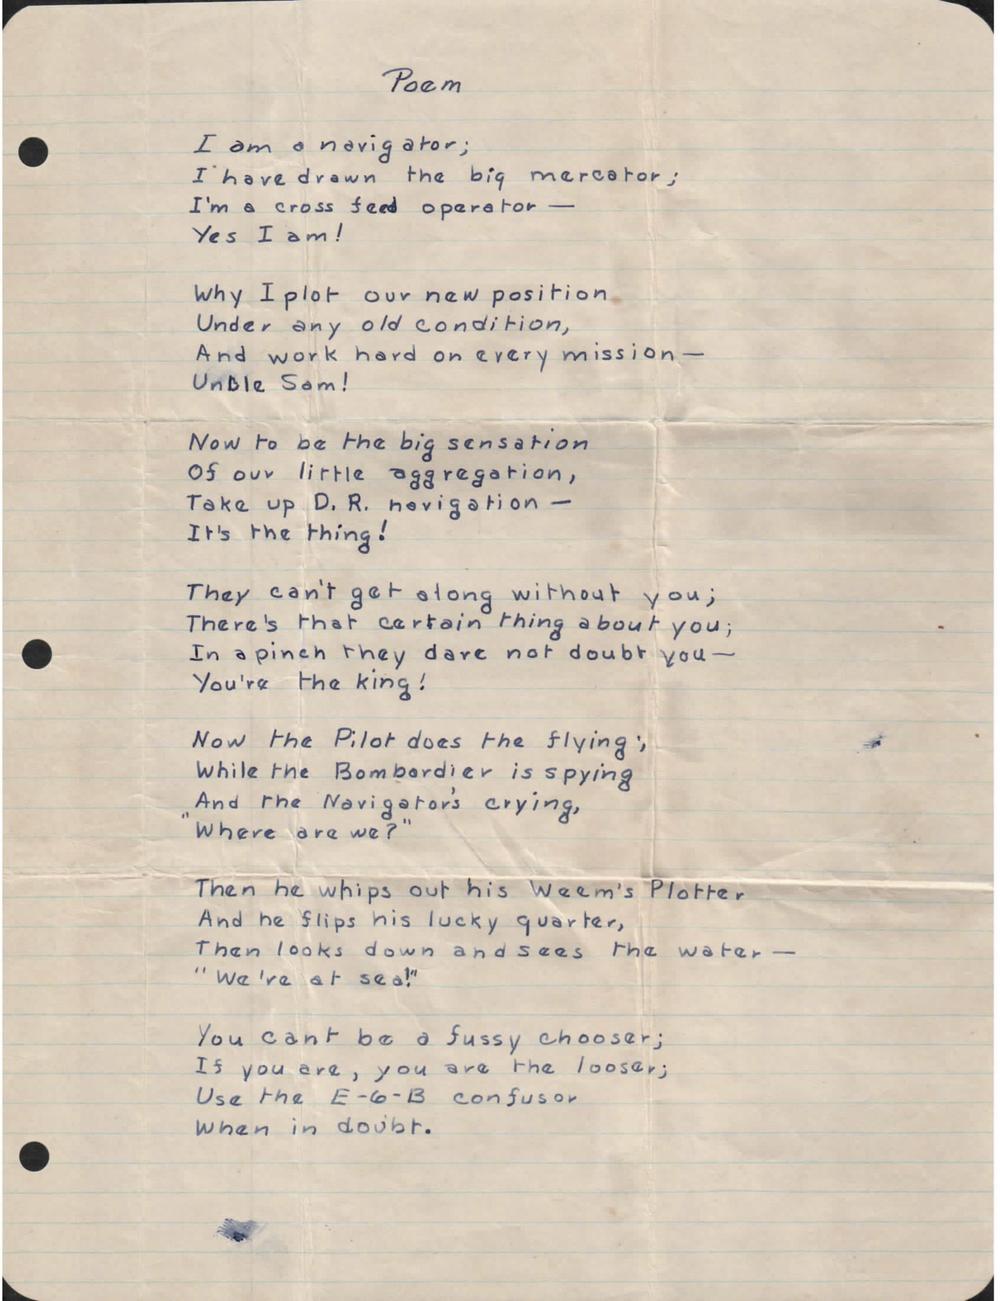 Maynard navigator poem 1.jpg